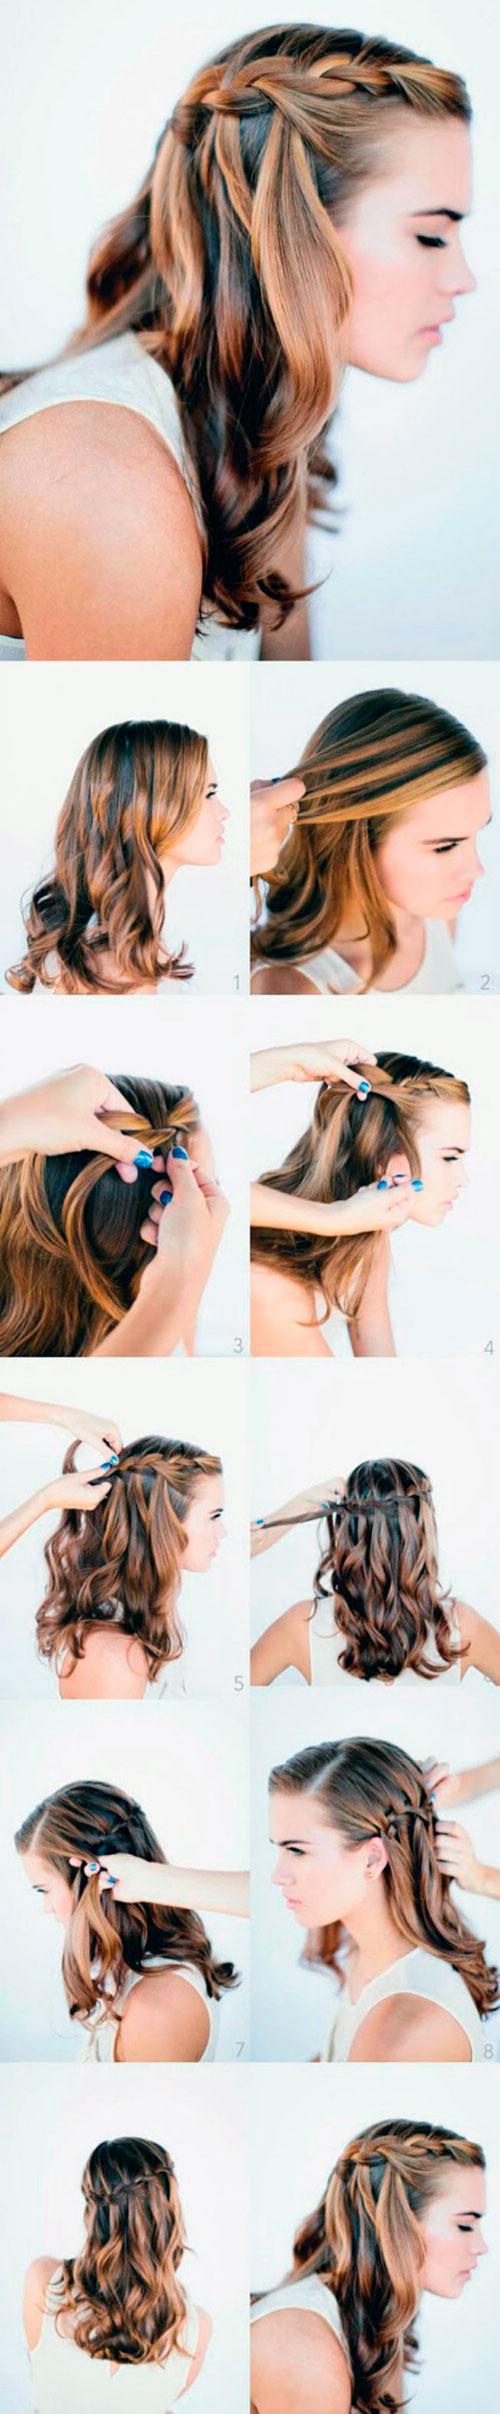 Причёска каскадная коса